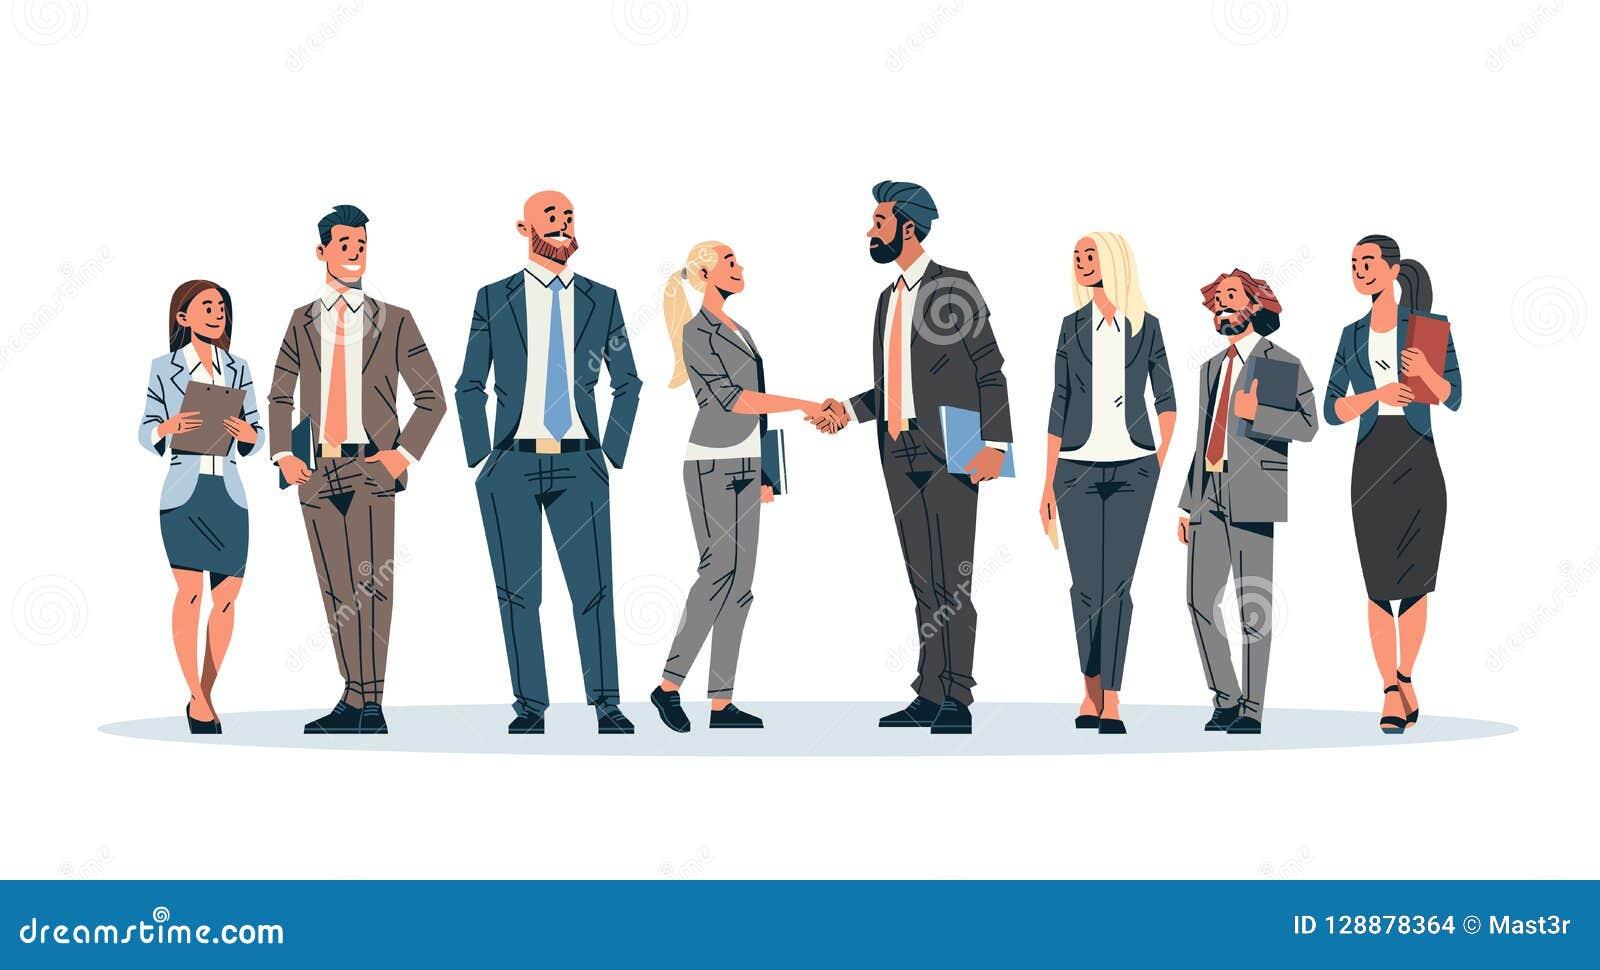 Ludzie biznesu grupy ręki potrząśnięcia zgody komunikuje pojęcie biznesmenów kobiet lidera zespołu spotkania samiec kobiety